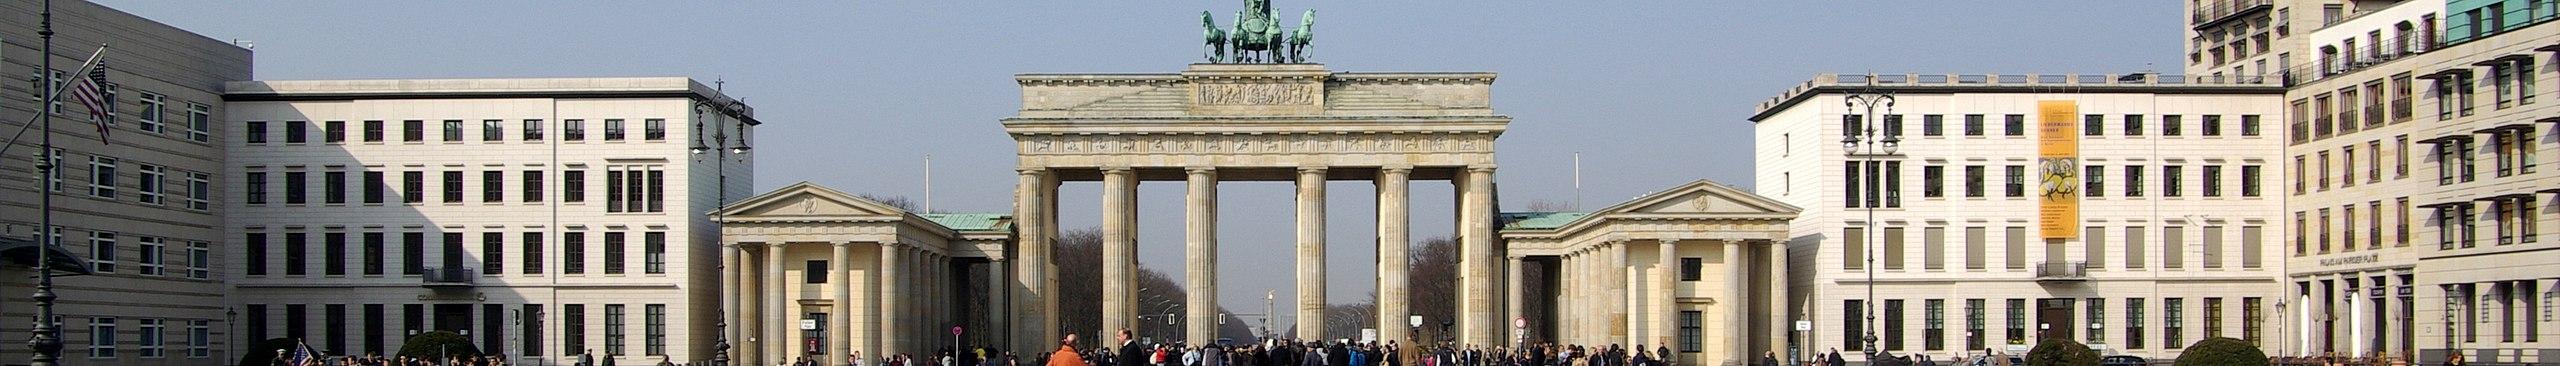 Berliini Väkiluku